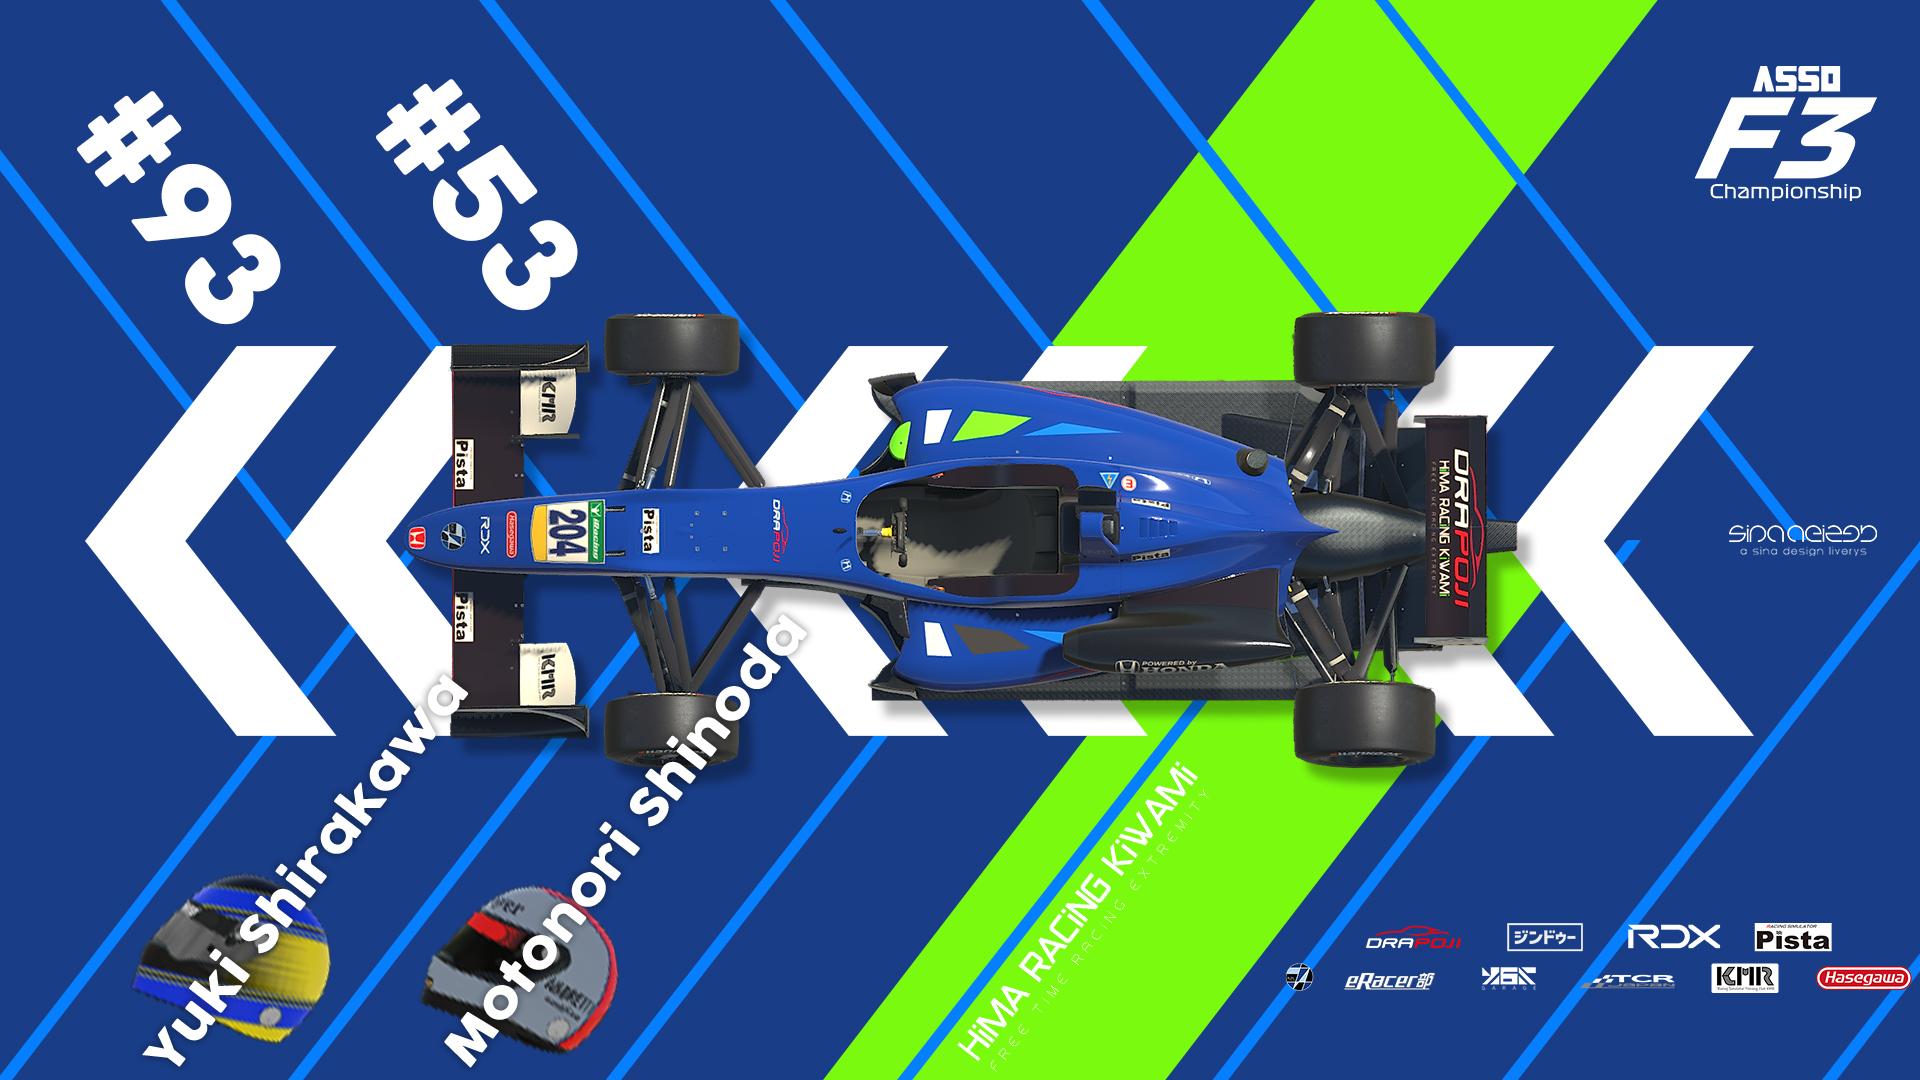 ASSO F3に暇racing極み参戦へ